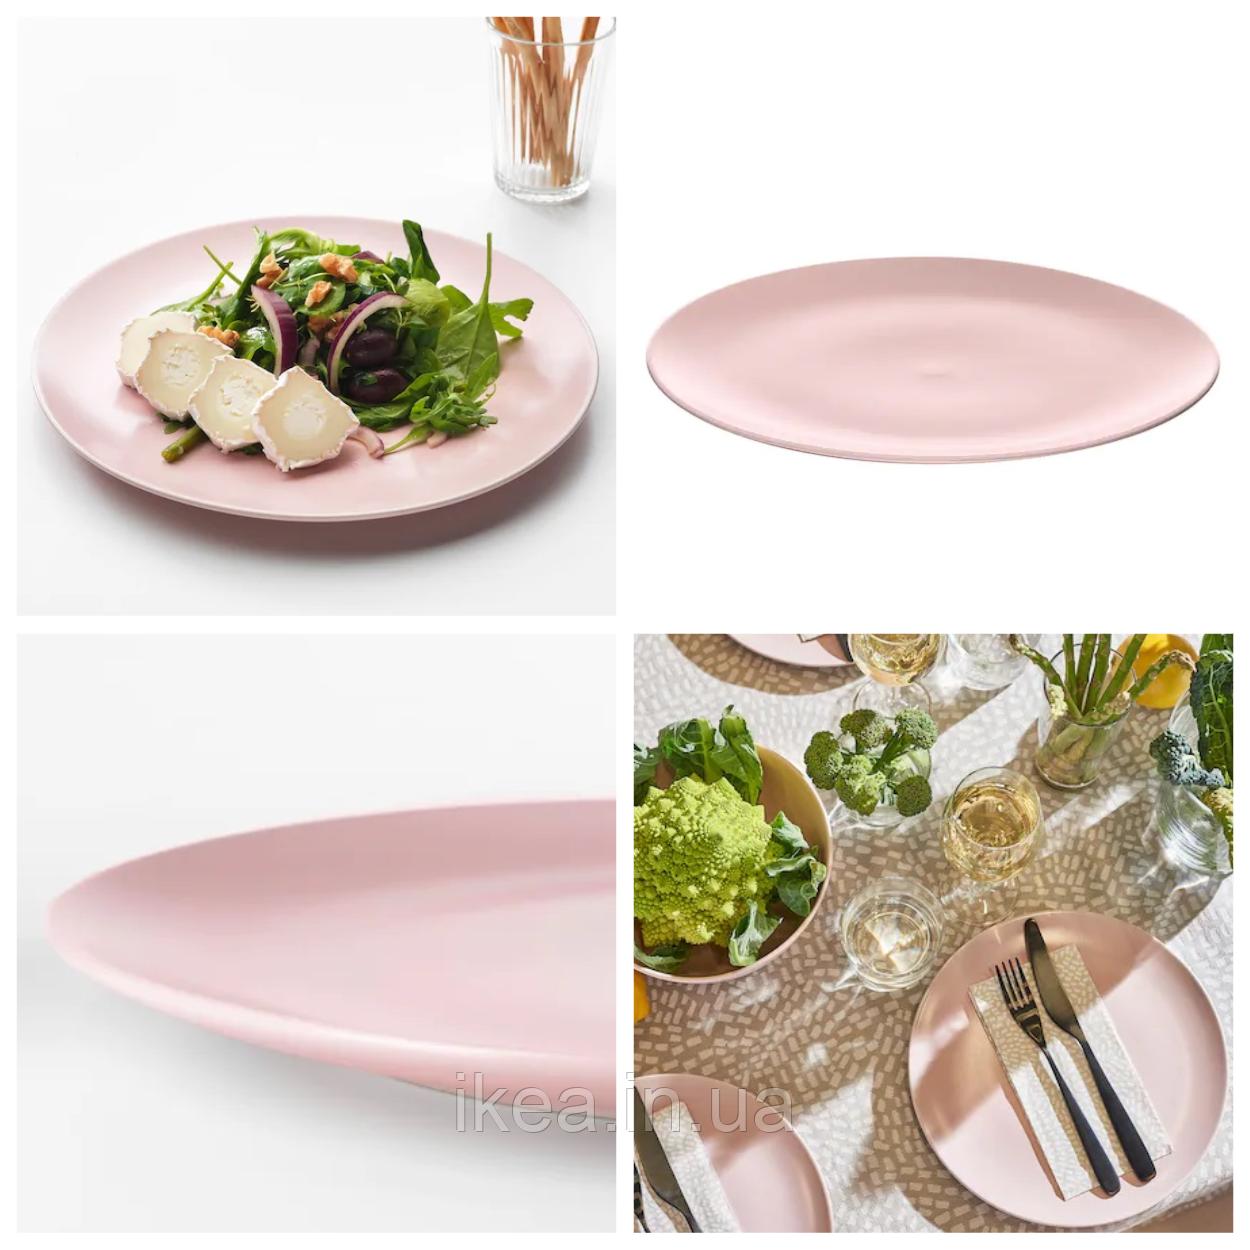 Тарілка обідня кругла IKEA DINERA 26 см рожева кам'яна кераміка ІКЕА ДІНЕРА